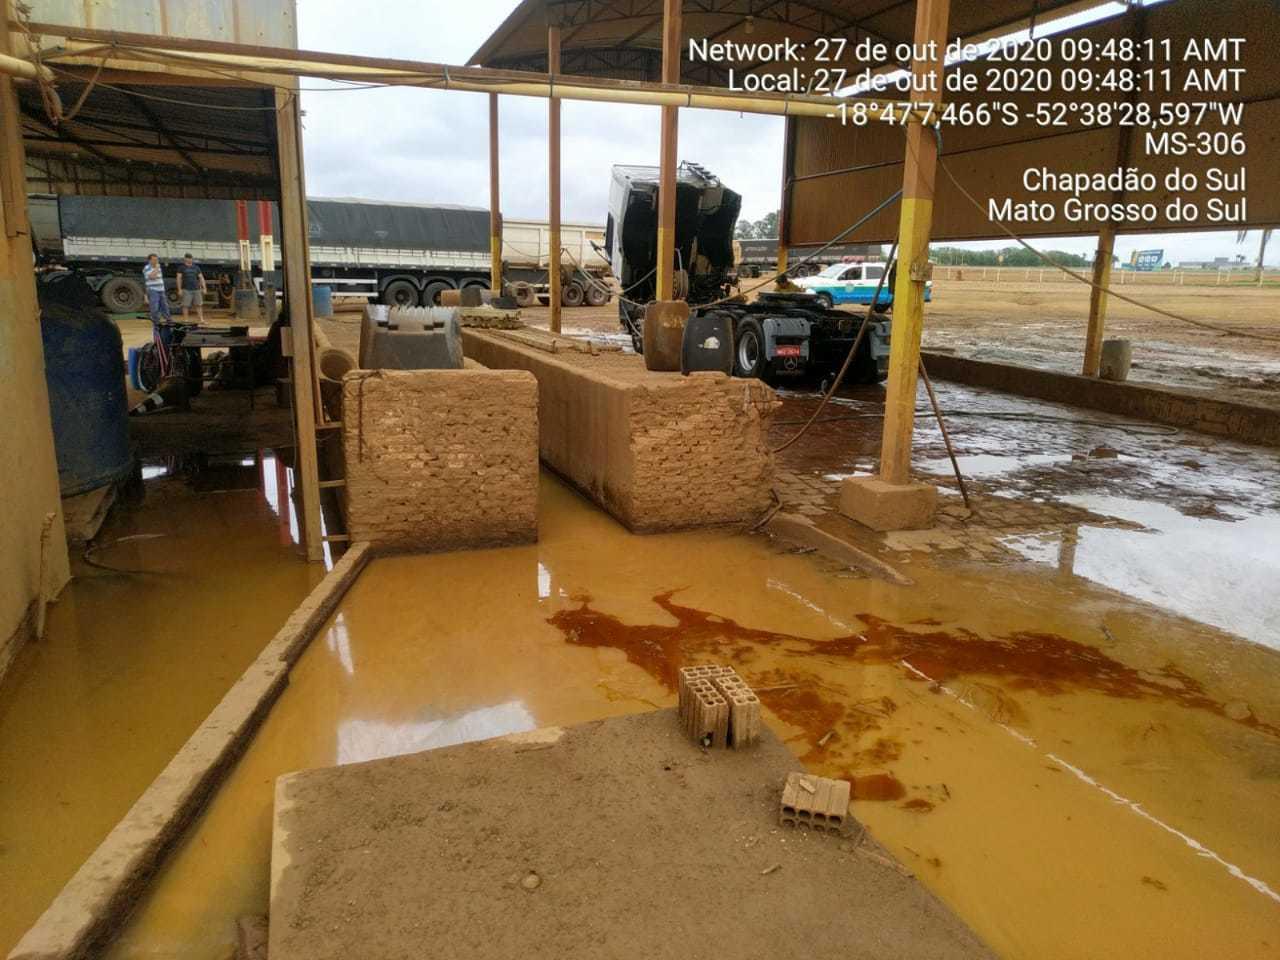 Resíduos da limpeza não estavam recebendo tratamento, gerando poluição do solo. (Foto: Divulgação/PMA)